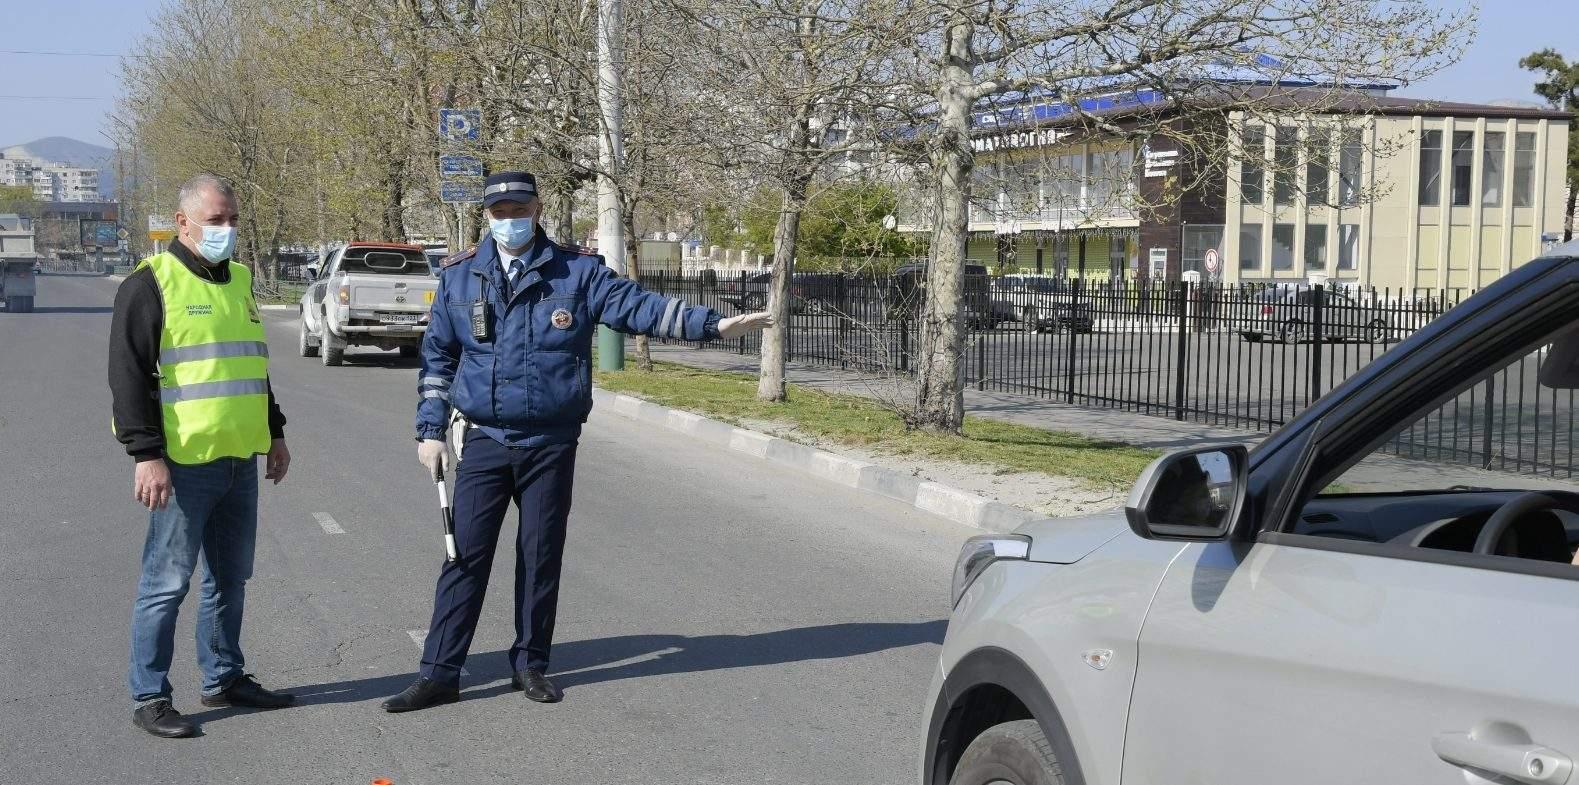 Больше 50 машин ежедневно разворачивают на заградительном посту на въезде в Новороссийск